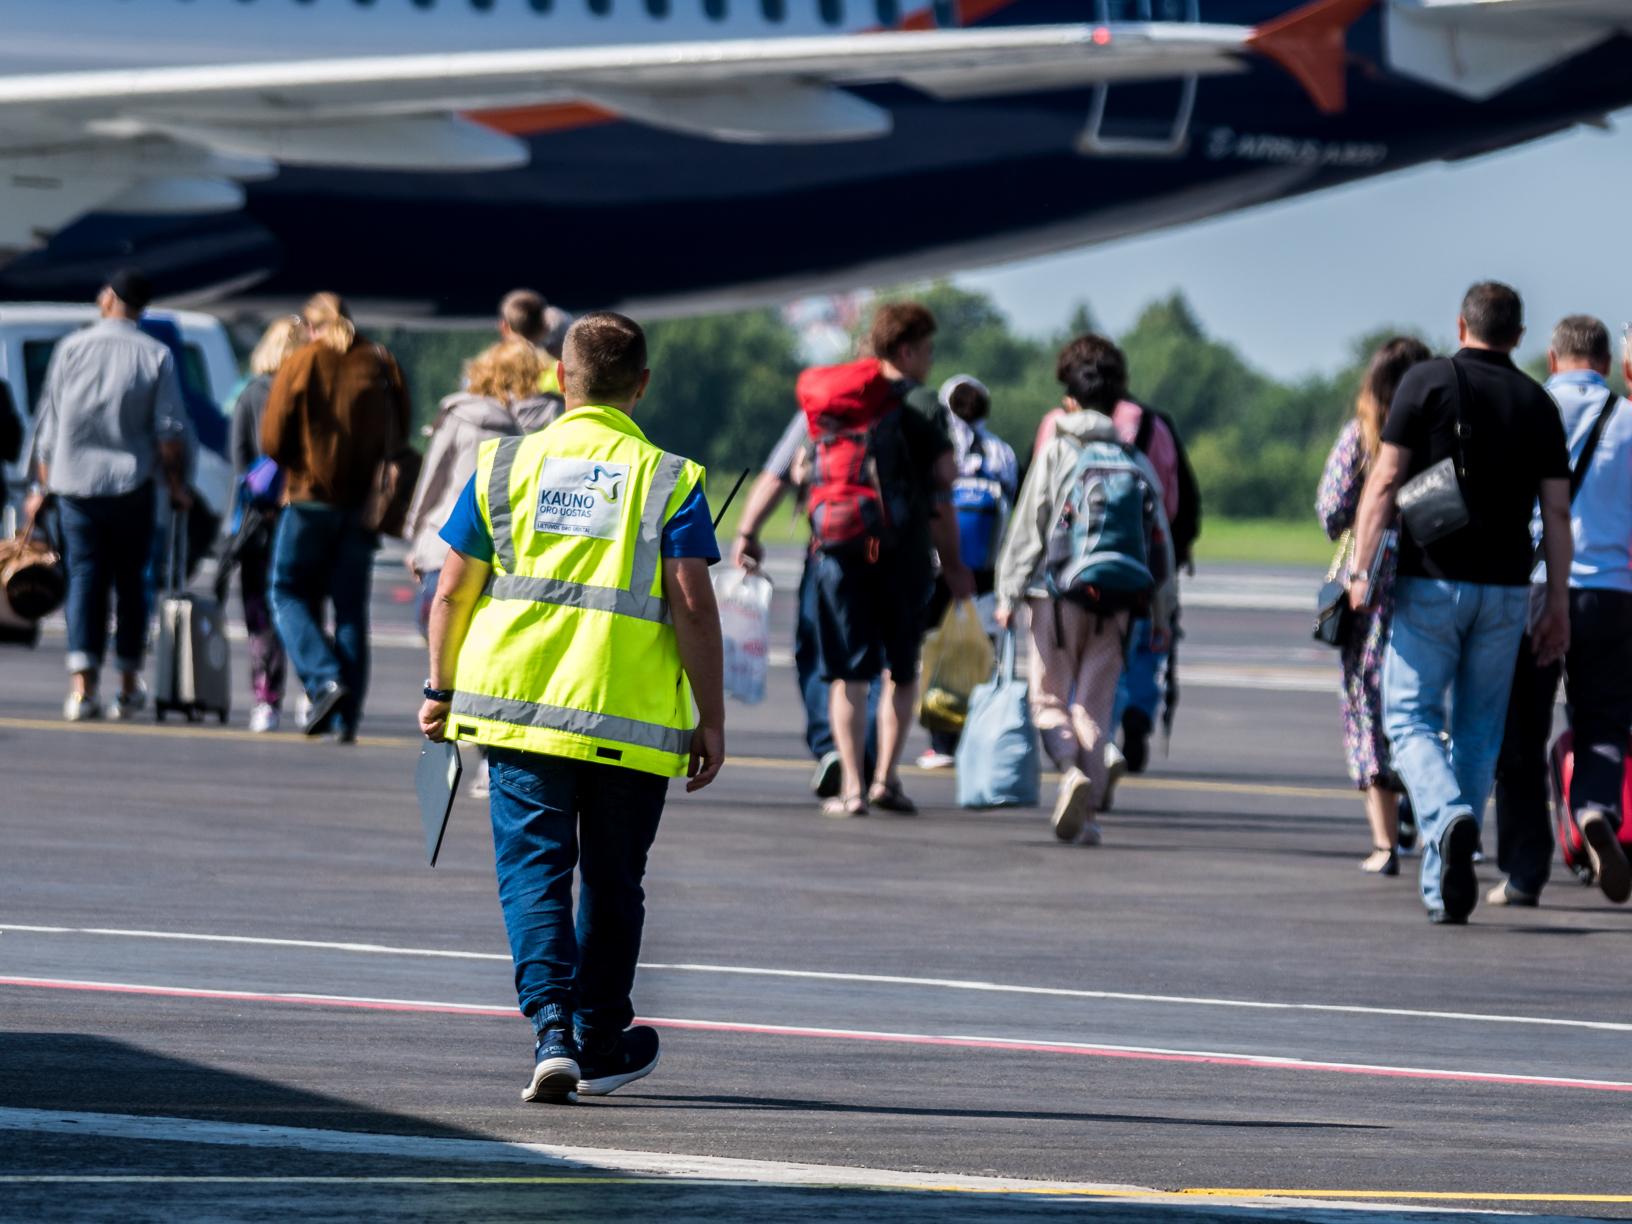 Lietuvos oro uostai pasiruošę šaltajam sezonui: keliautojams pristato net 8-ias naujas kryptis